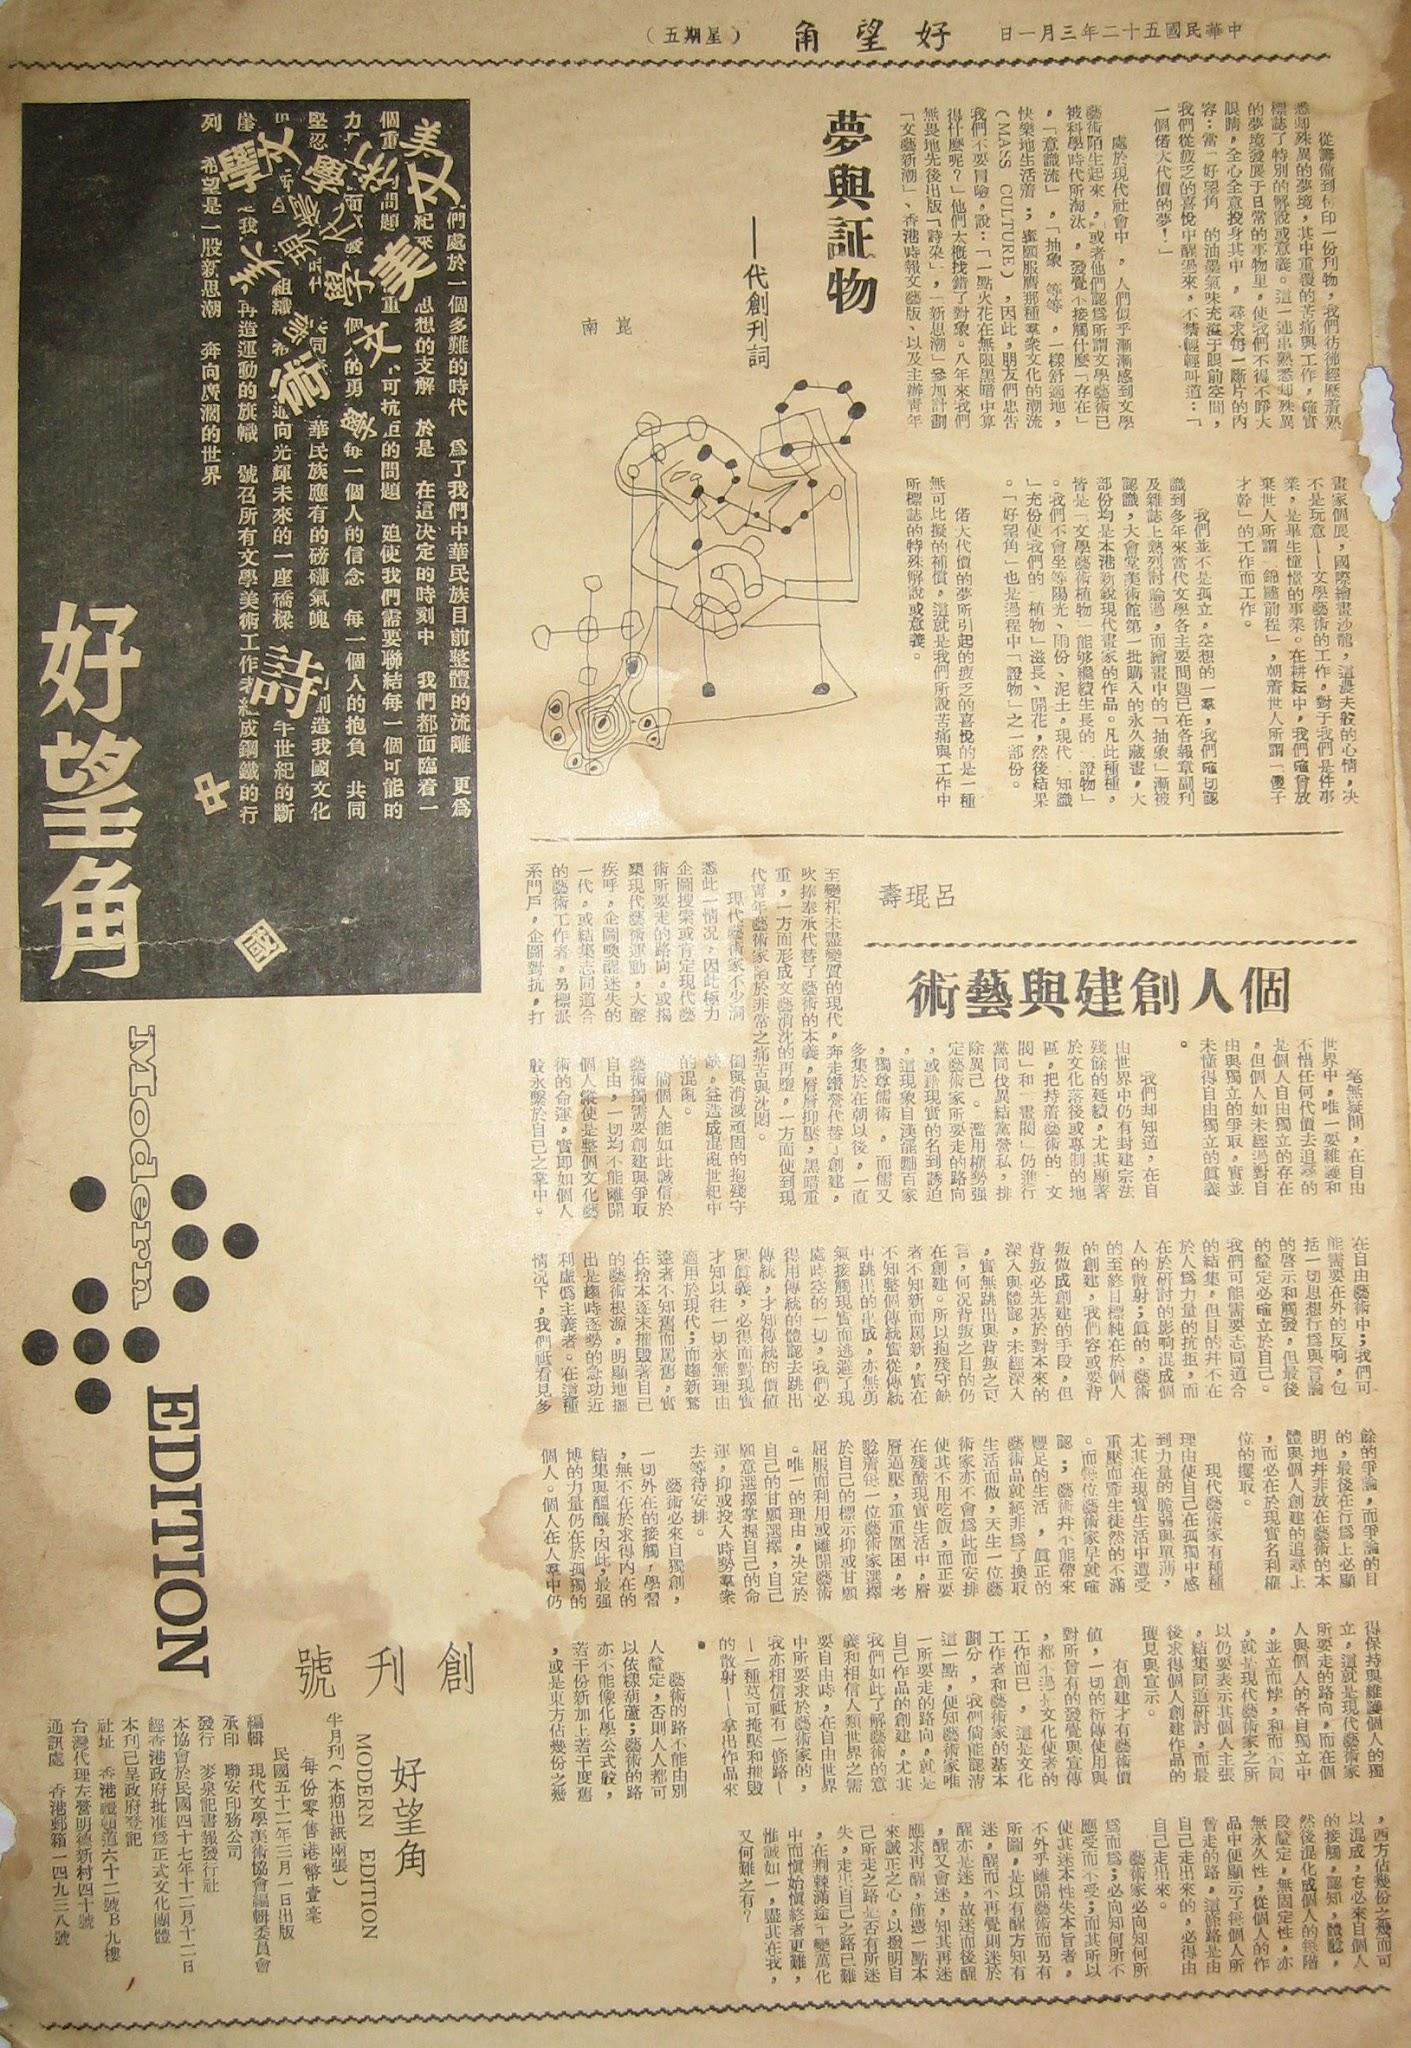 香港文化資料庫: 從書影看香港文學之二